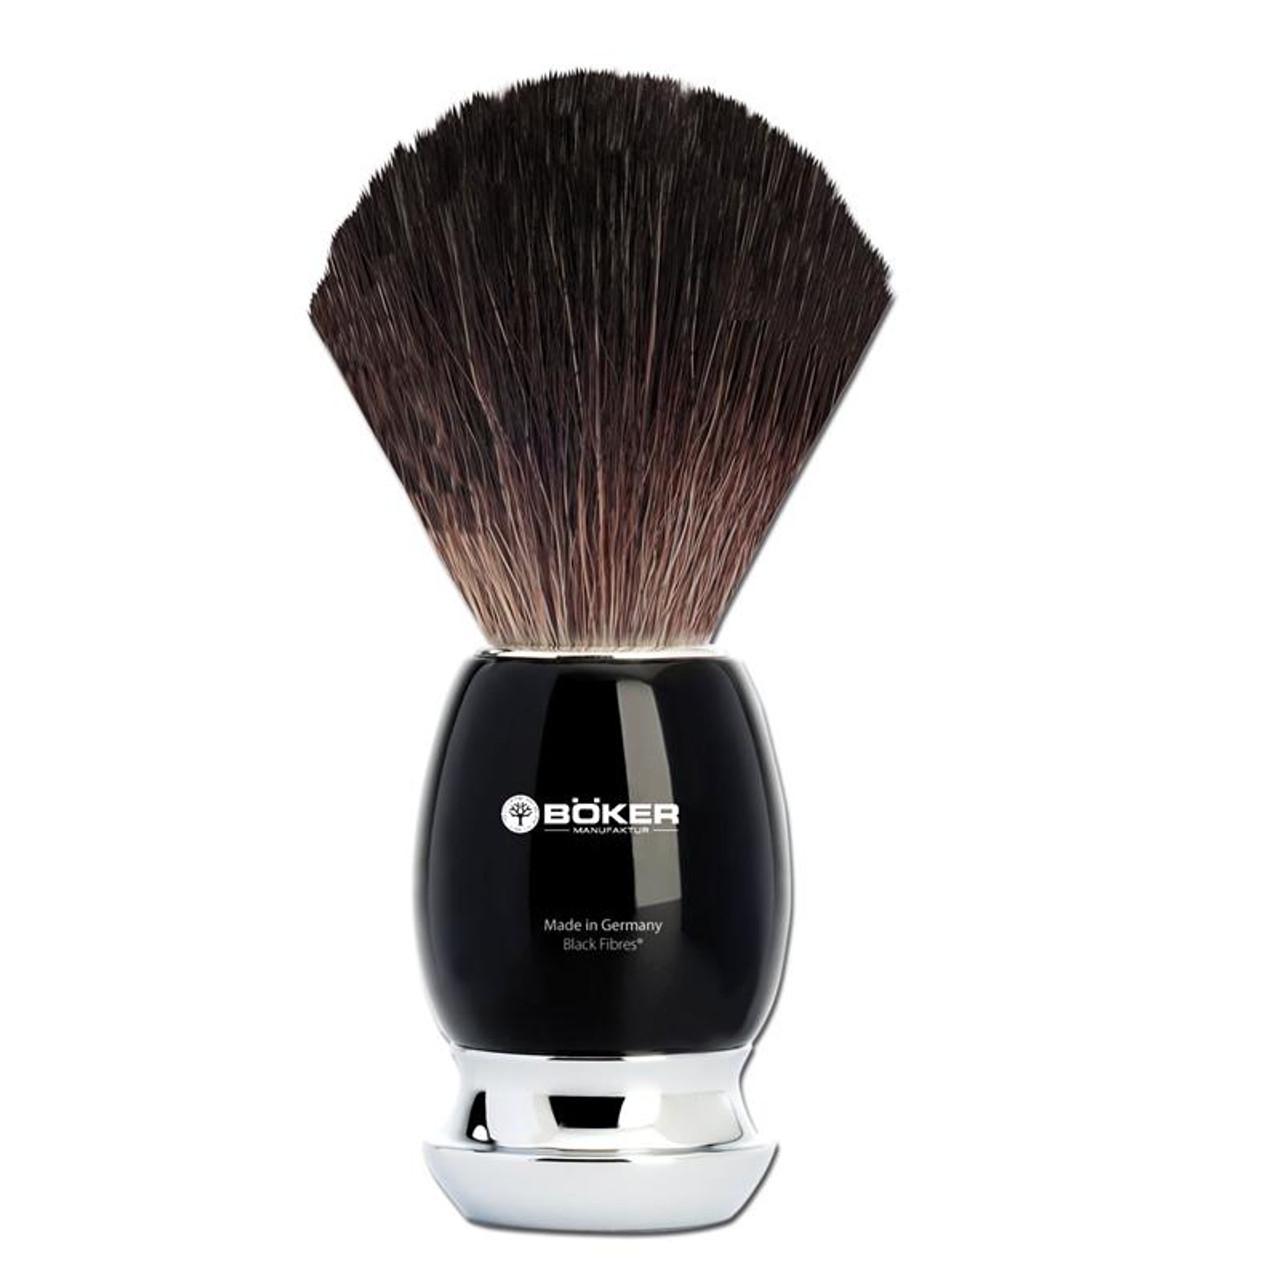 Boker Black Fiber Shaving Brush